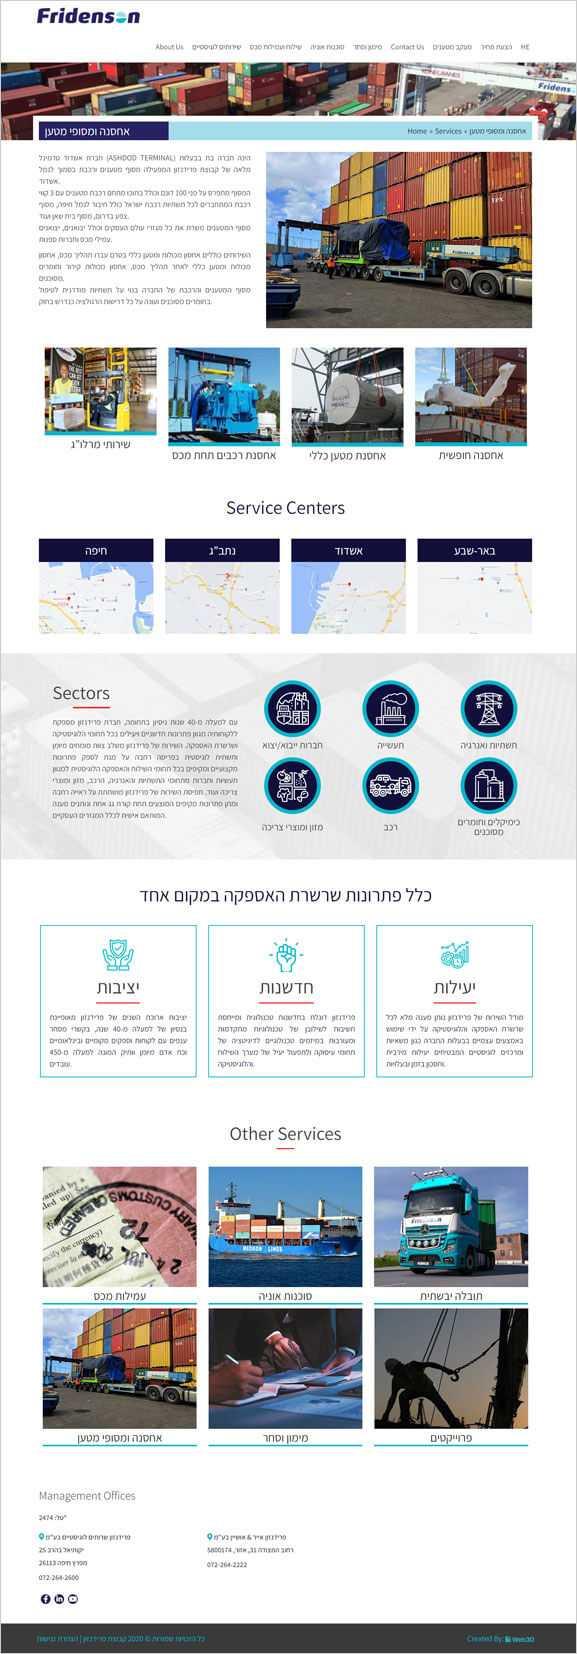 עיצוב אתר תדמית פרידנזון